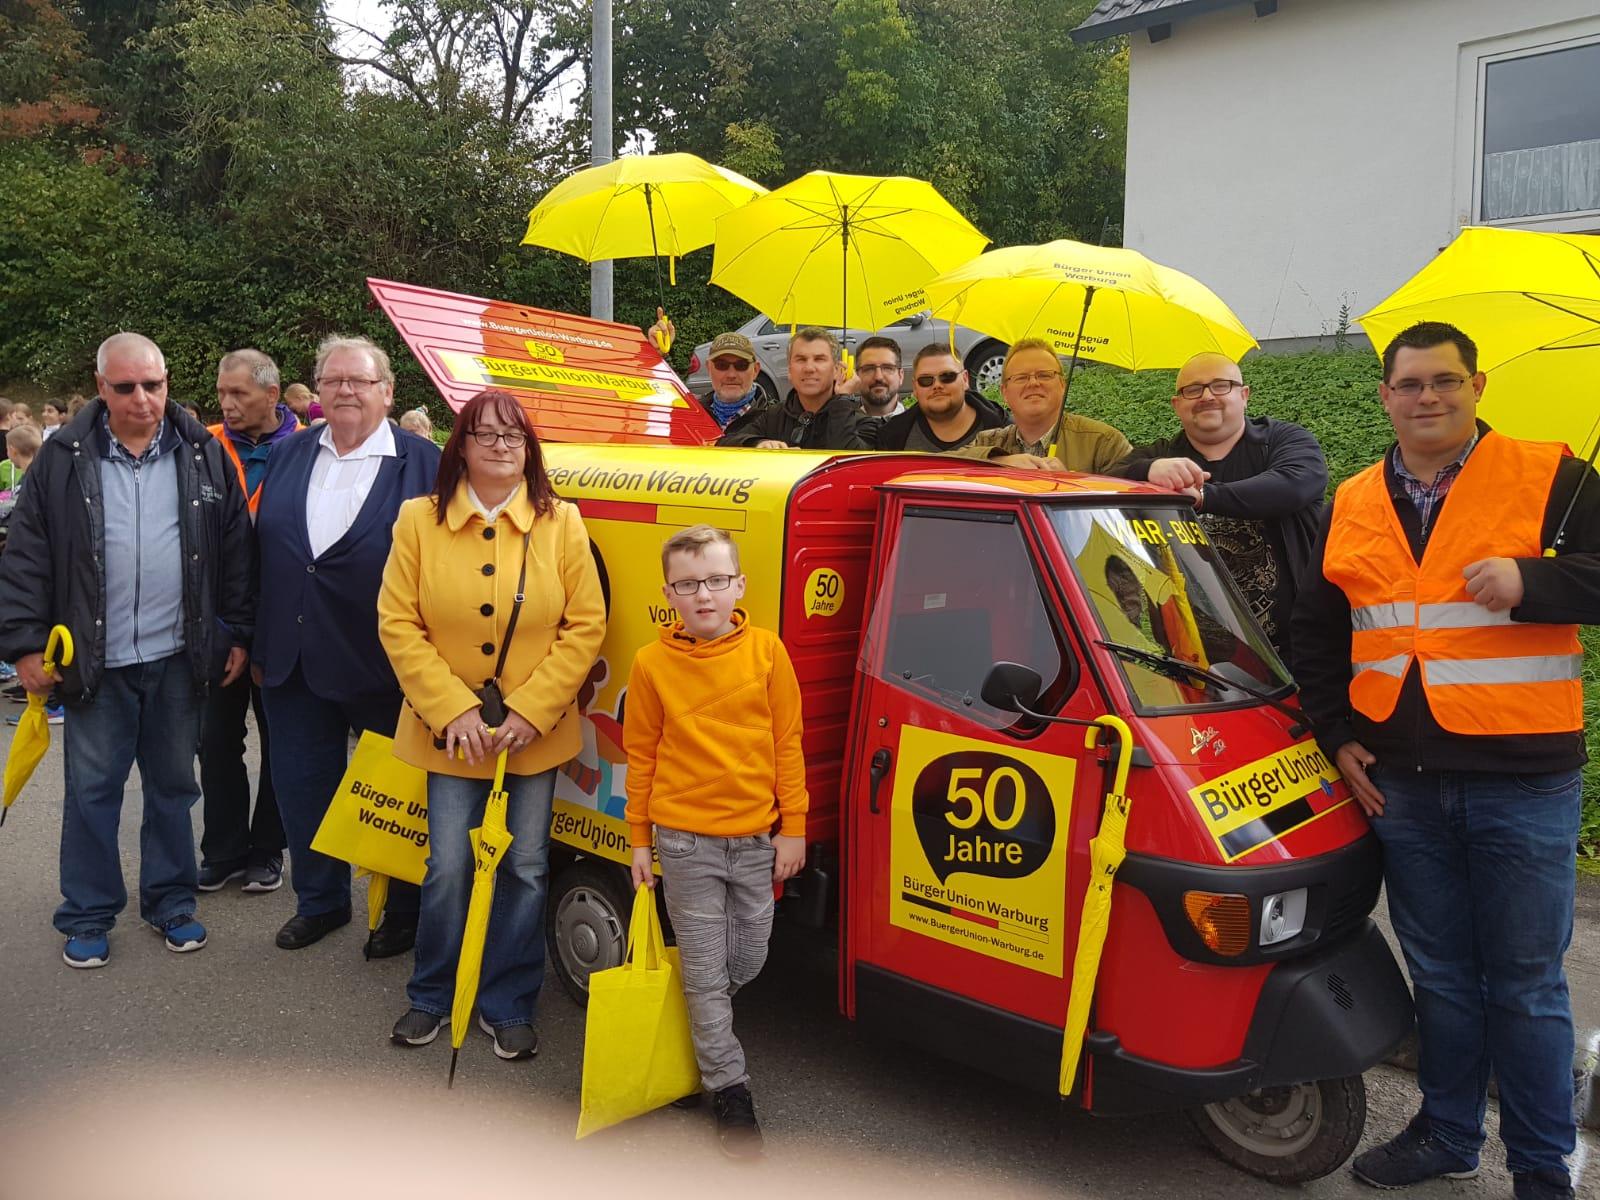 Teilnahme am Oktoberwochenumzug anlässlich des 50 jährigen bestehens der Bürger Union Warburg